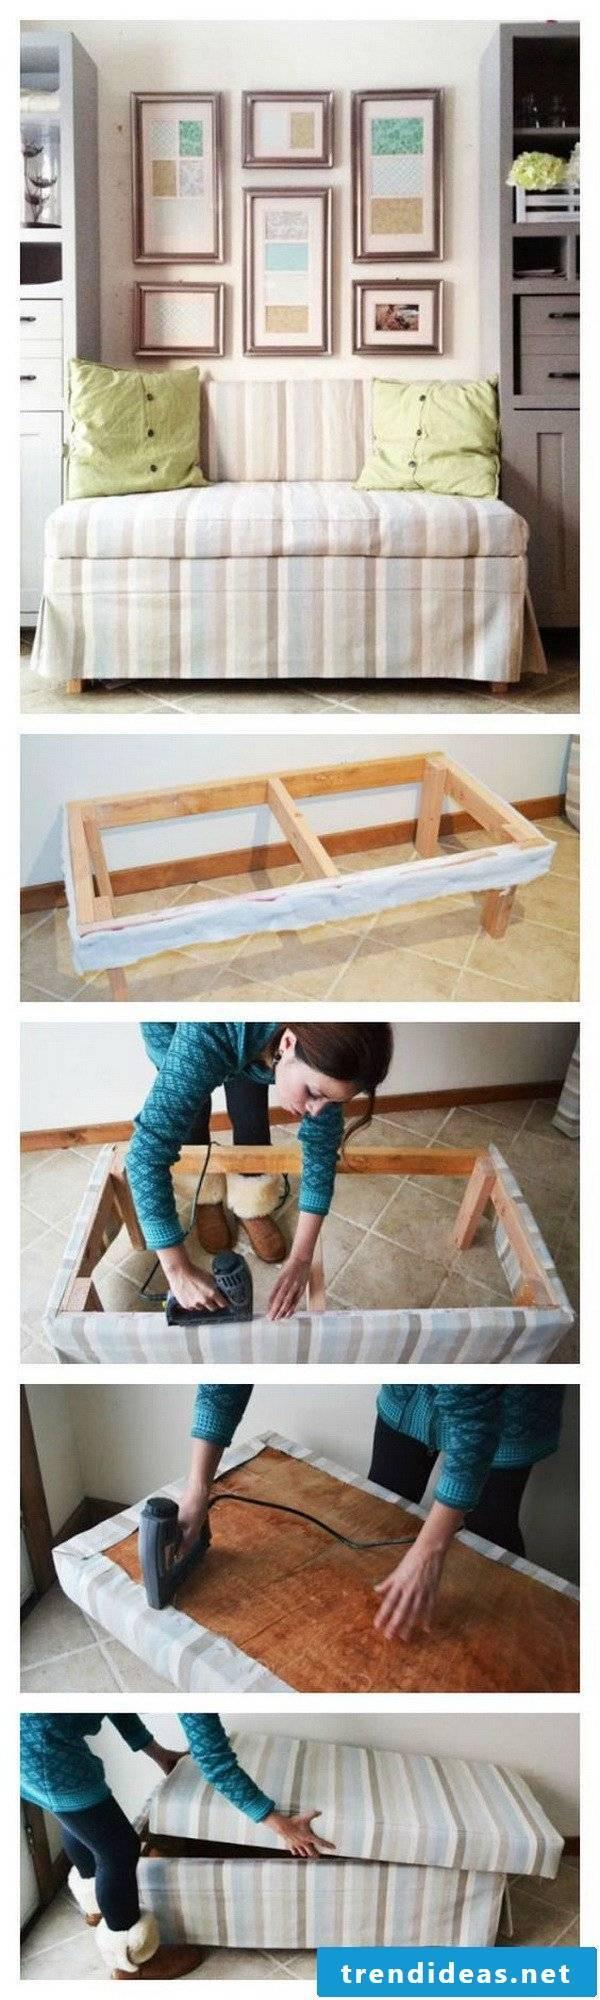 DIY sofa make yourself